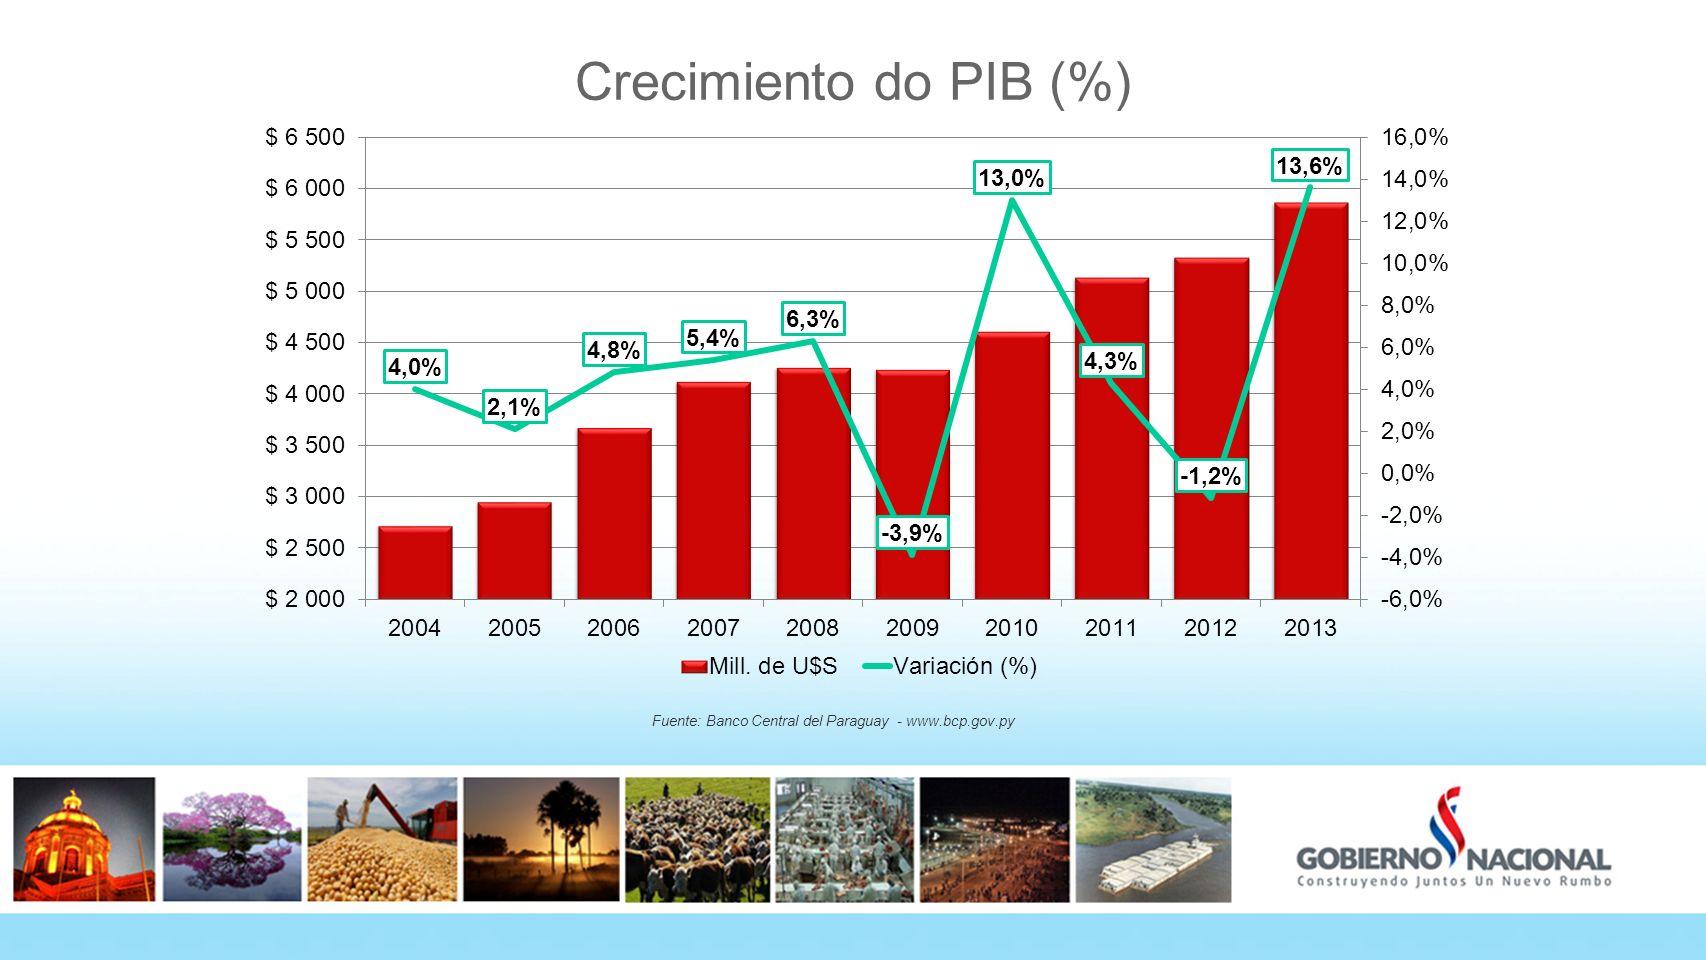 Crecimiento do PIB (%) Fuente: Banco Central del Paraguay - www.bcp.gov.py 6 6